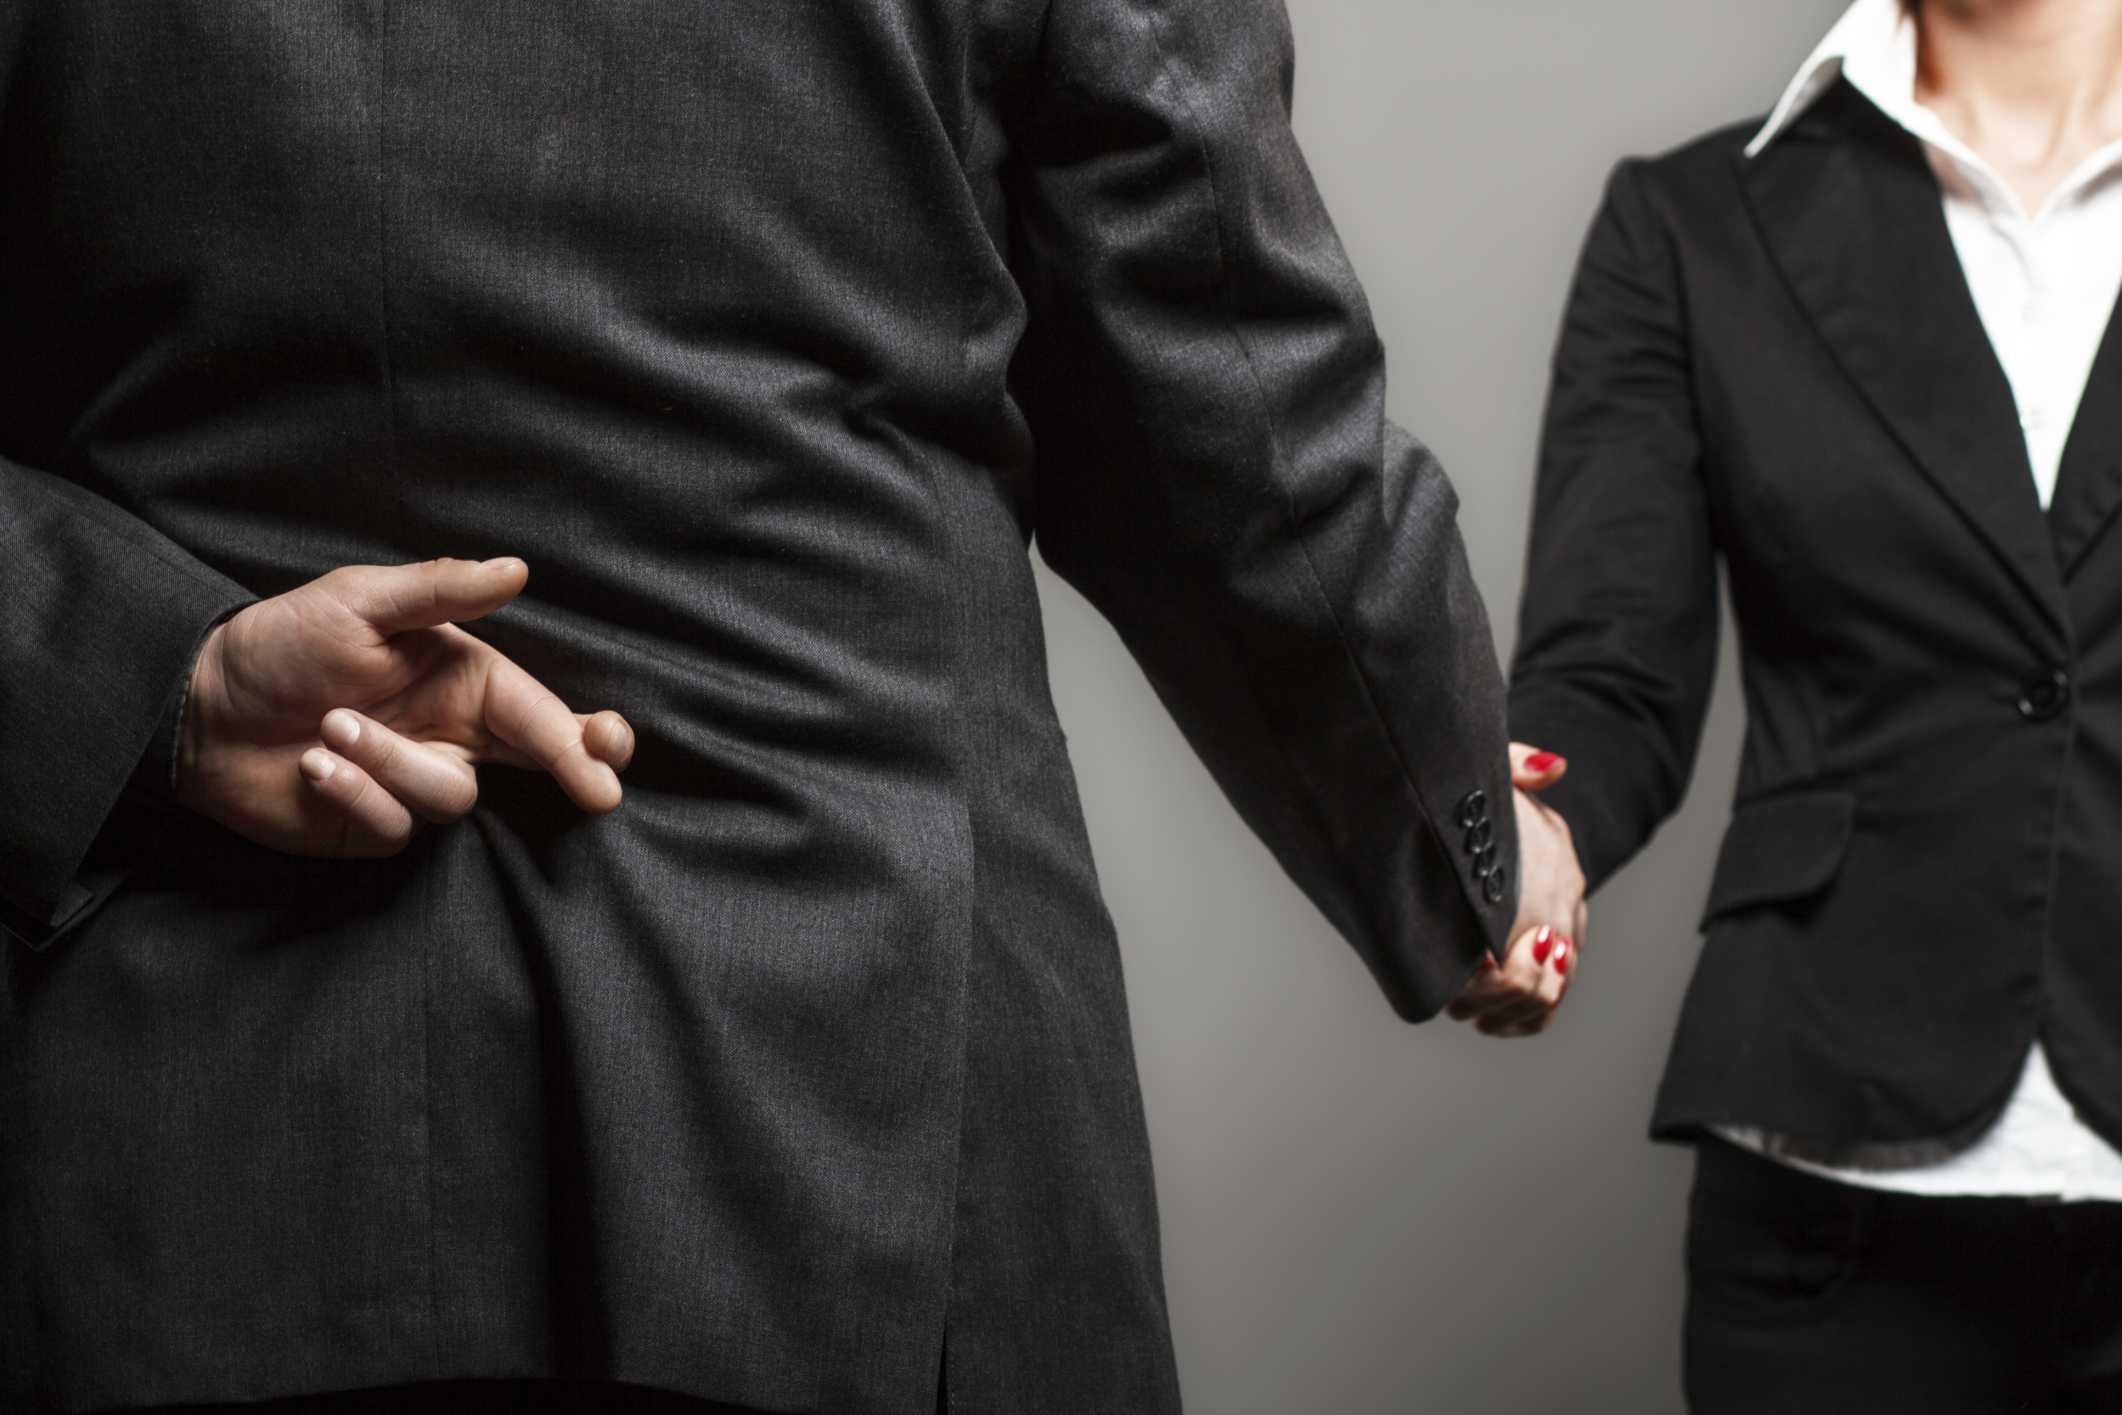 Dù kẻ nói dối chuyên nghiệp đến mấy thì cũng có những sai sót nhất định.